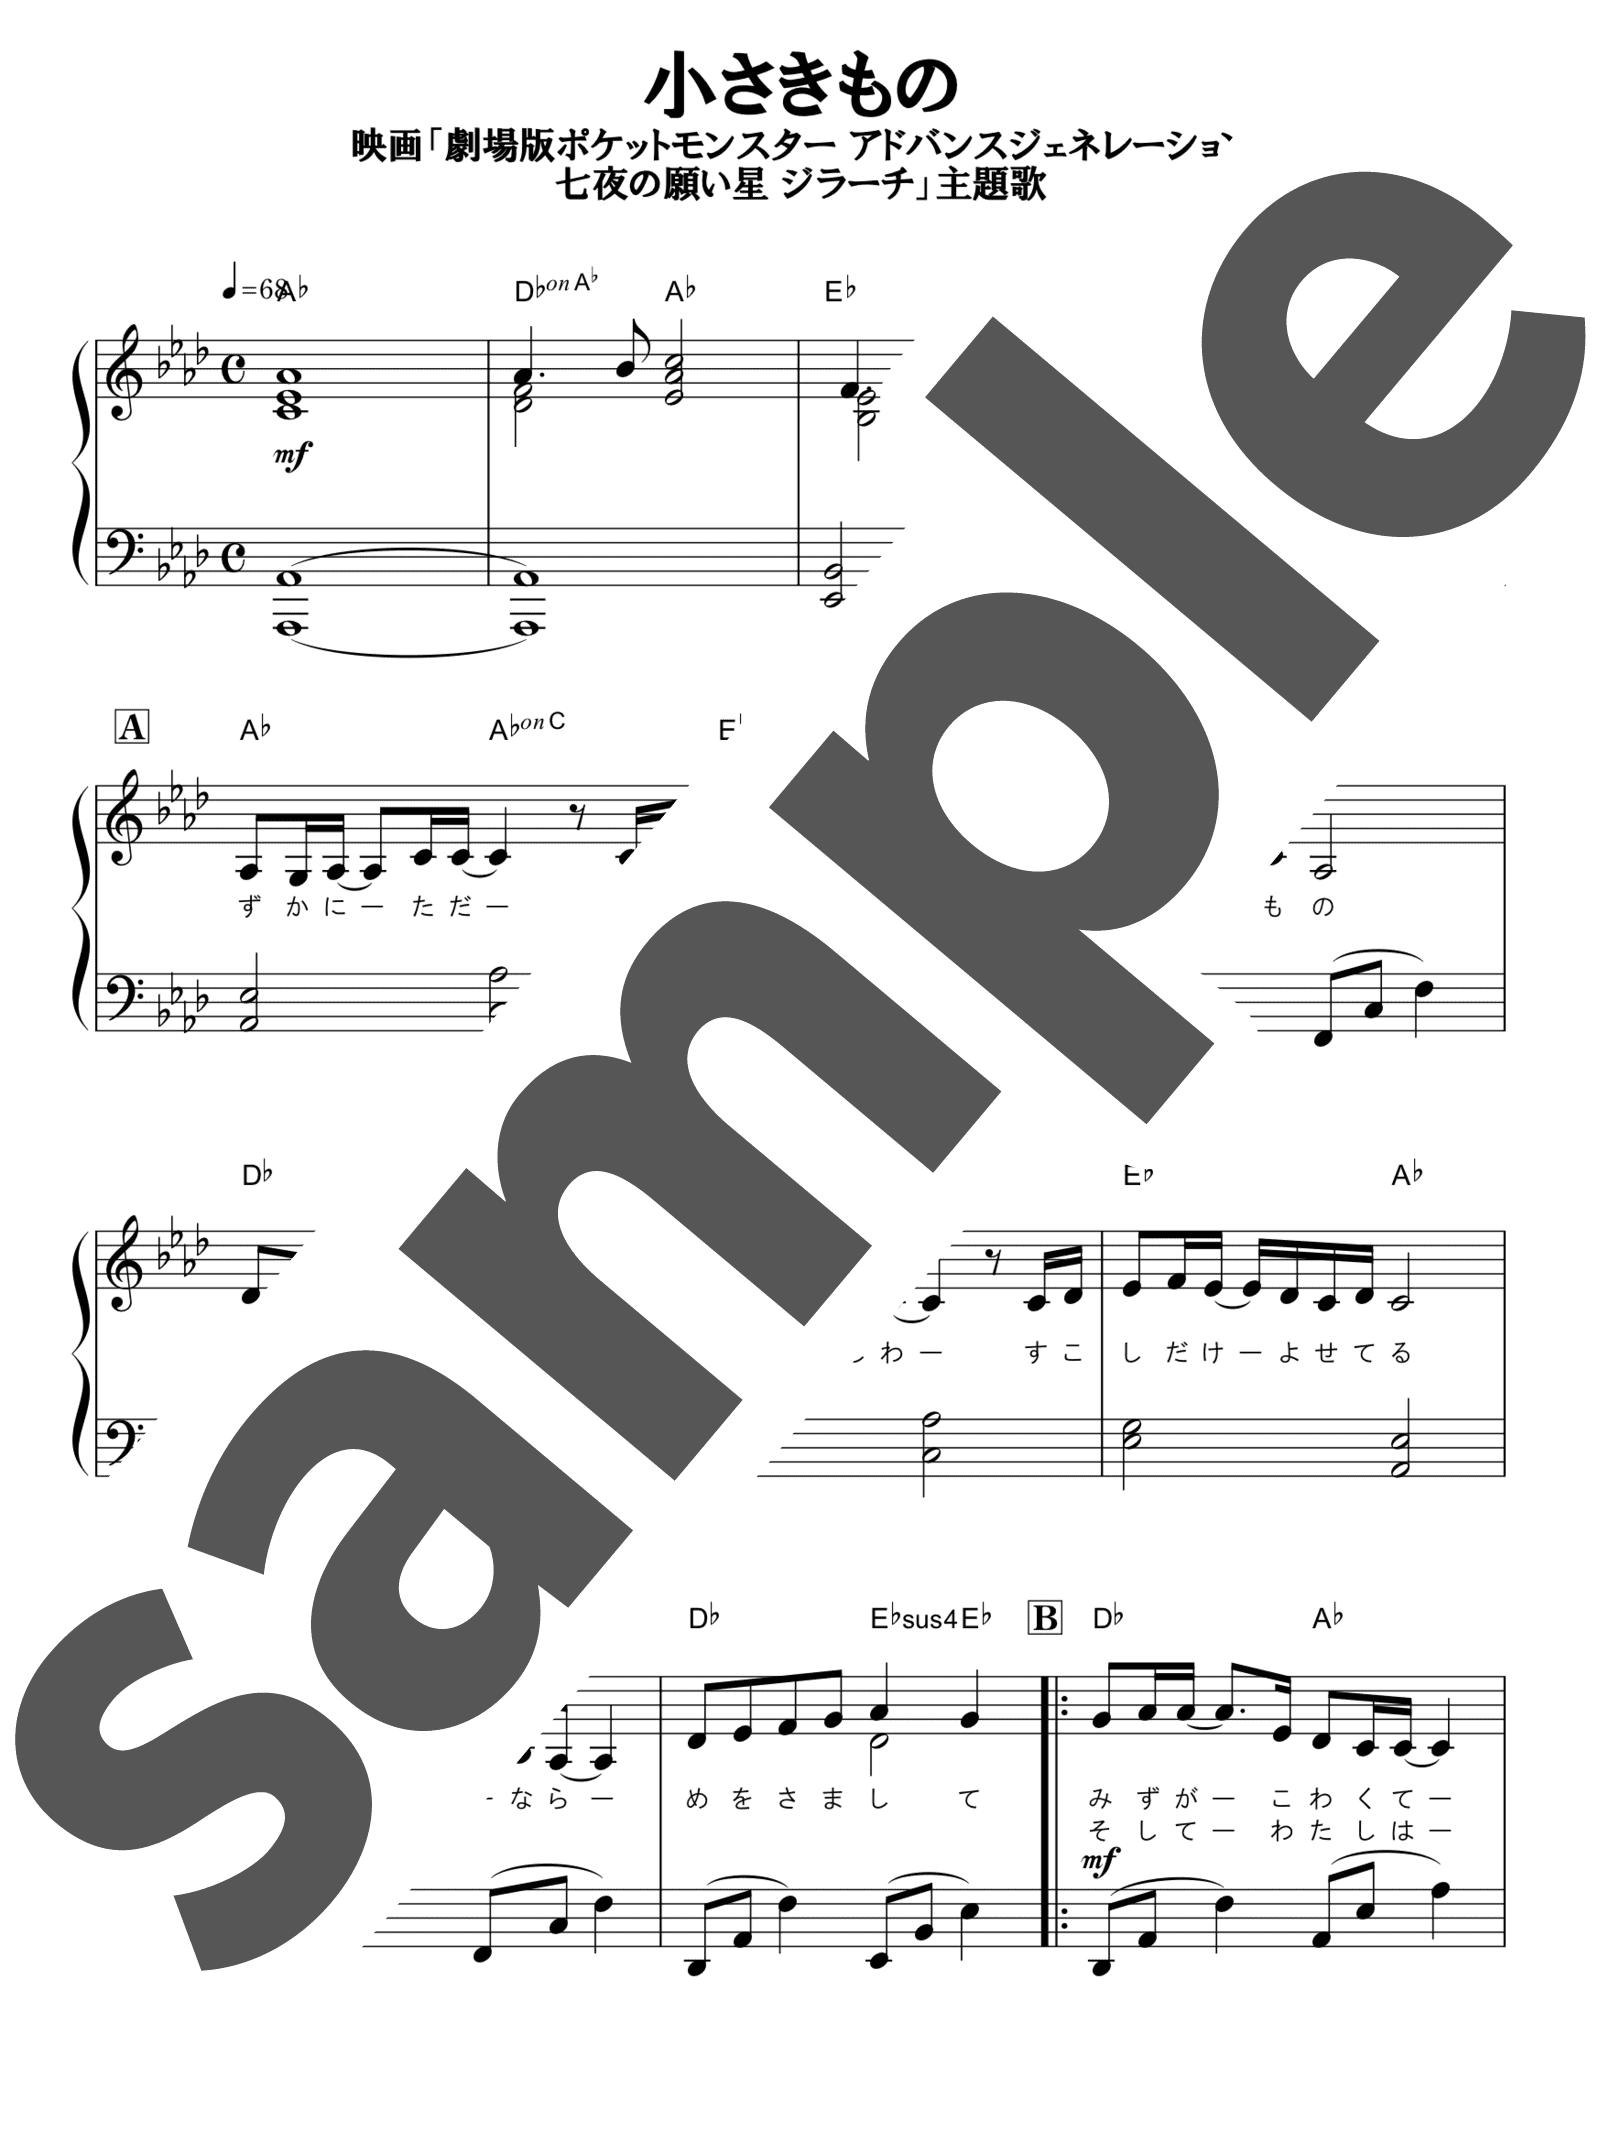 「小さきもの」のサンプル楽譜